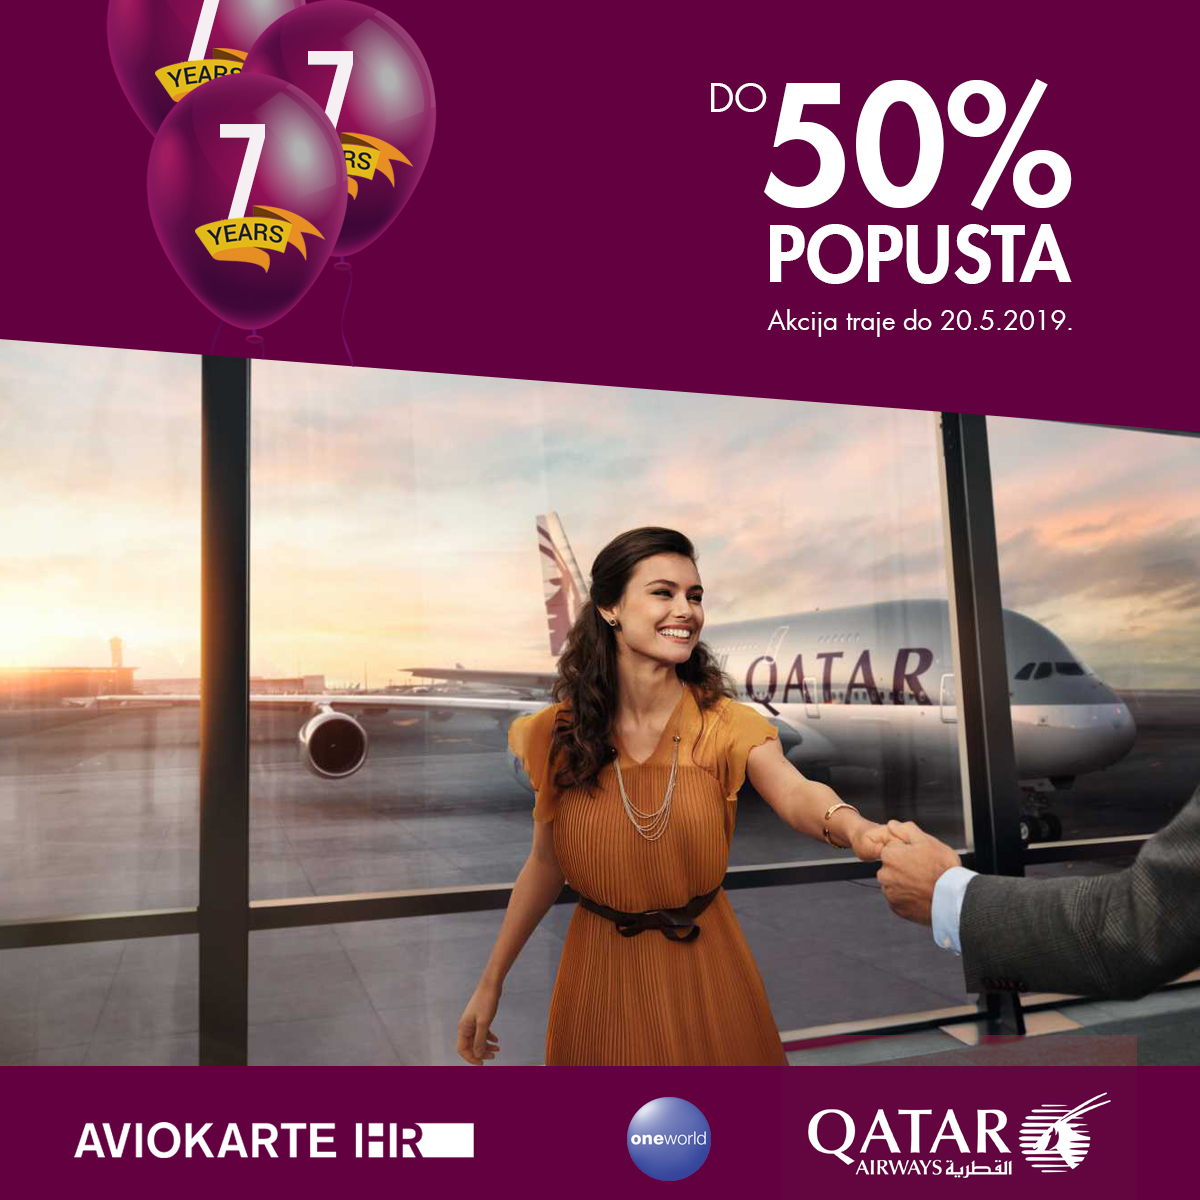 Aviokarte.hr Zagreb Pariz, Split Pariz, Dubrovnik Pariz